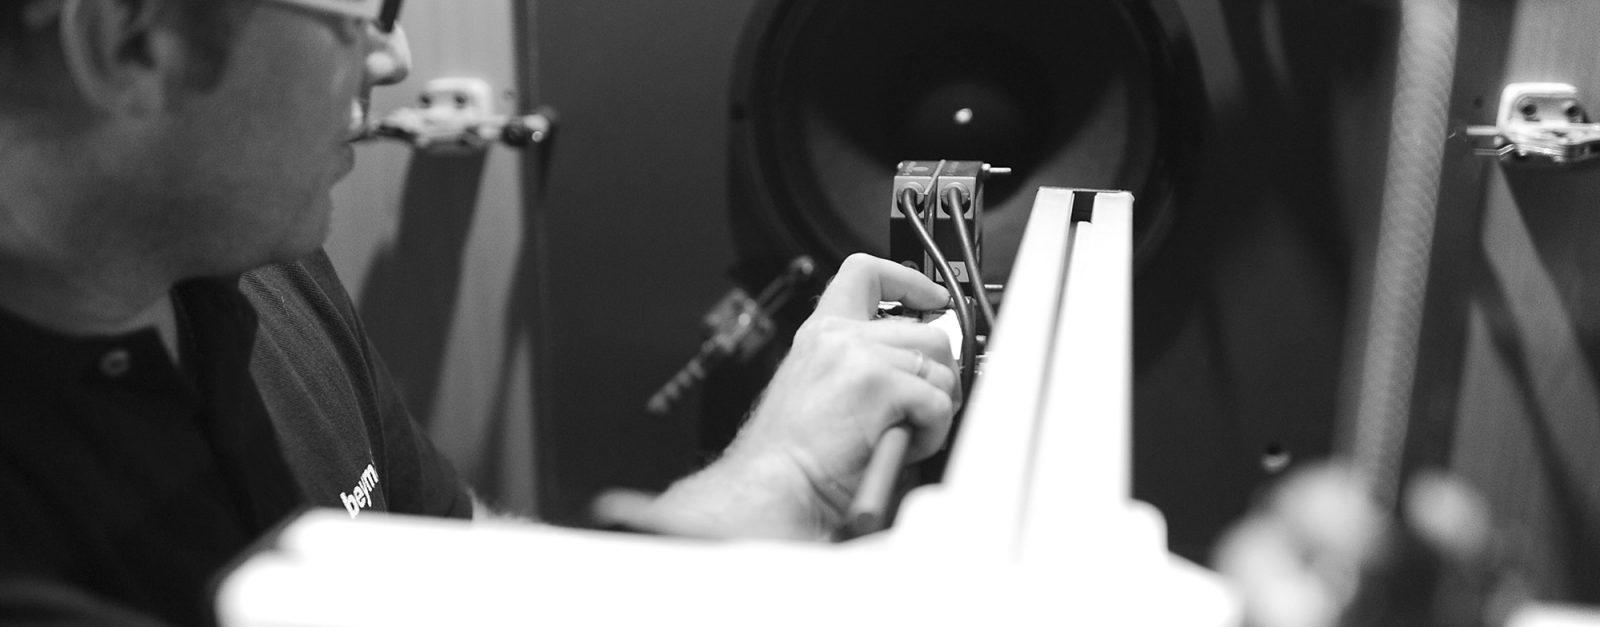 Acústica Beyma - Fabricante Altavoces Profesionales desde 1969